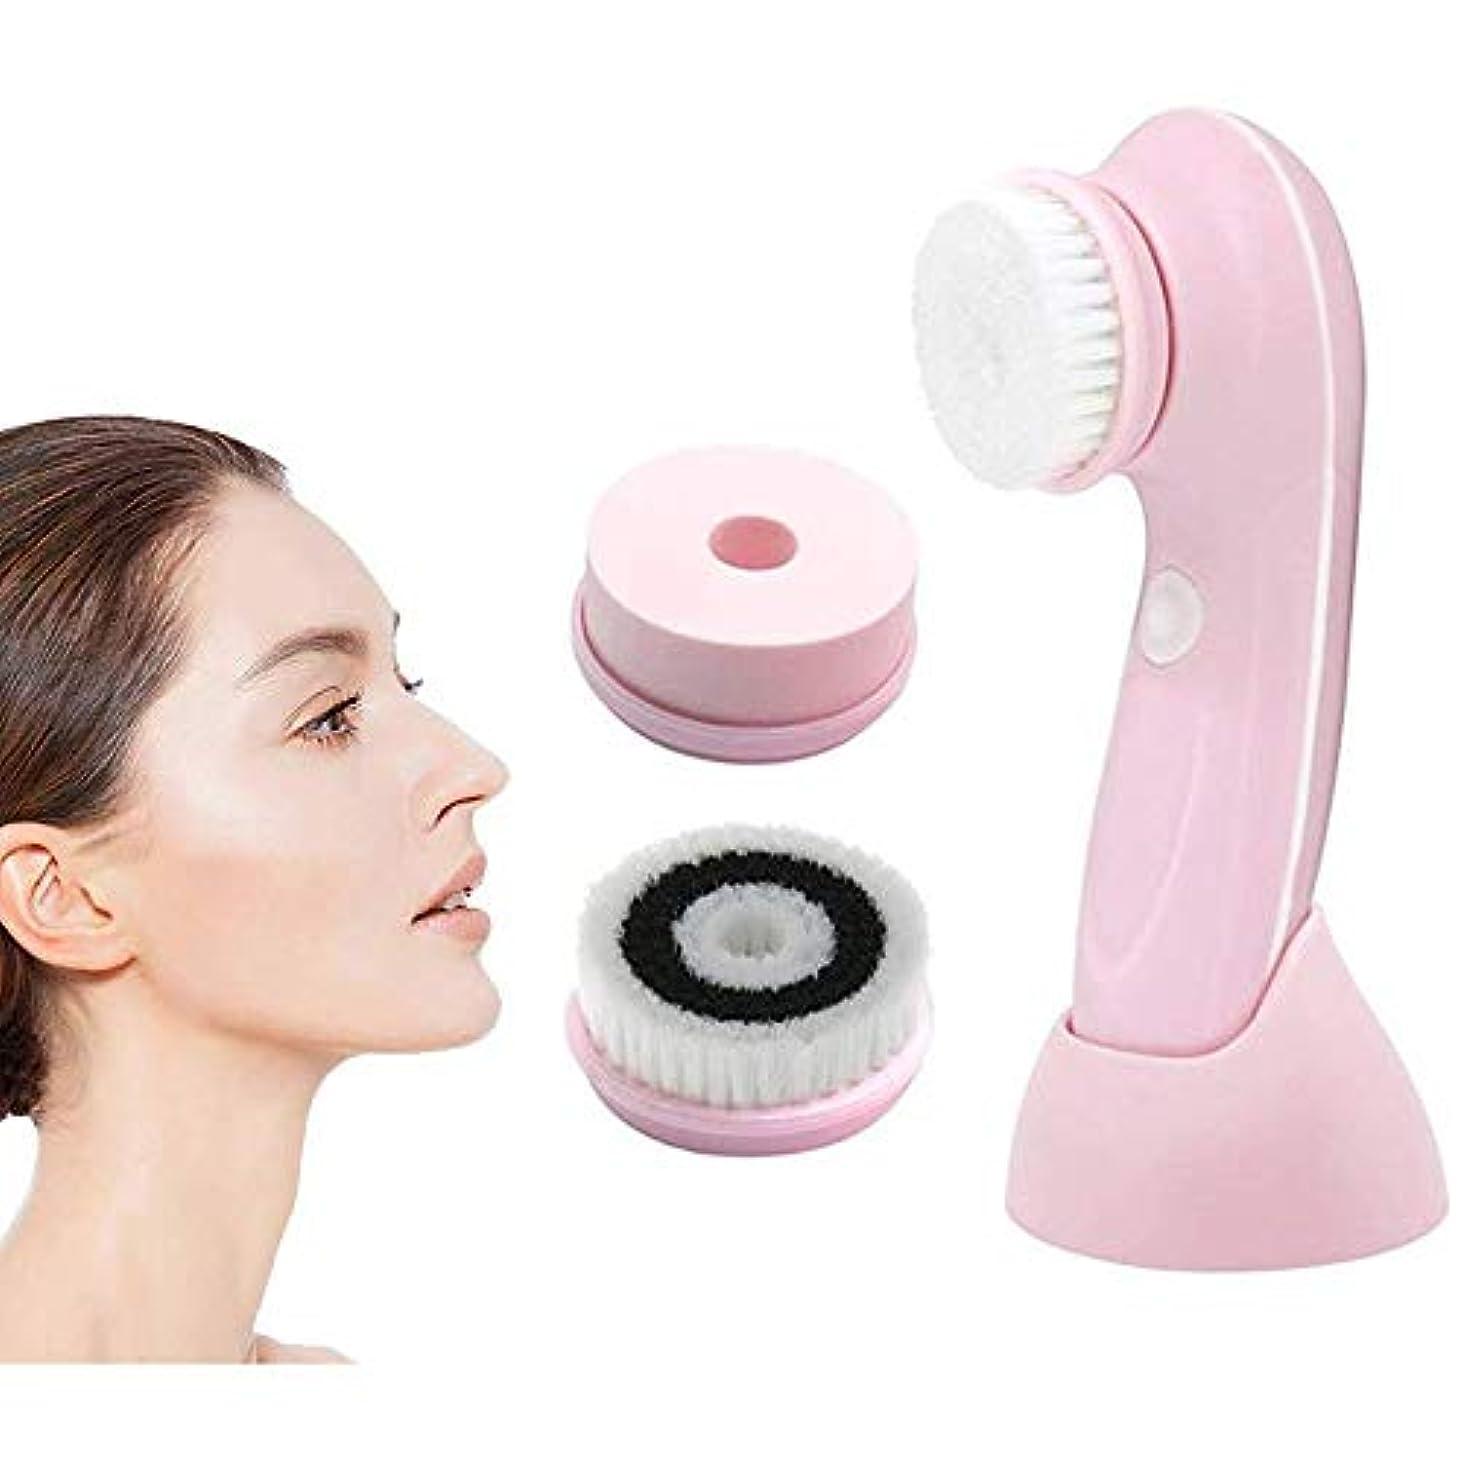 ヘルメットアスリートフラフープKJRJCD 洗顔ブラシ、3つの交換用ヘッドとエクスフォリエイティング、ブラックヘッド、ポータブル顔スクラバー用USB充電式プロフェッショナル洗顔ブラシ、ピンクスピニング